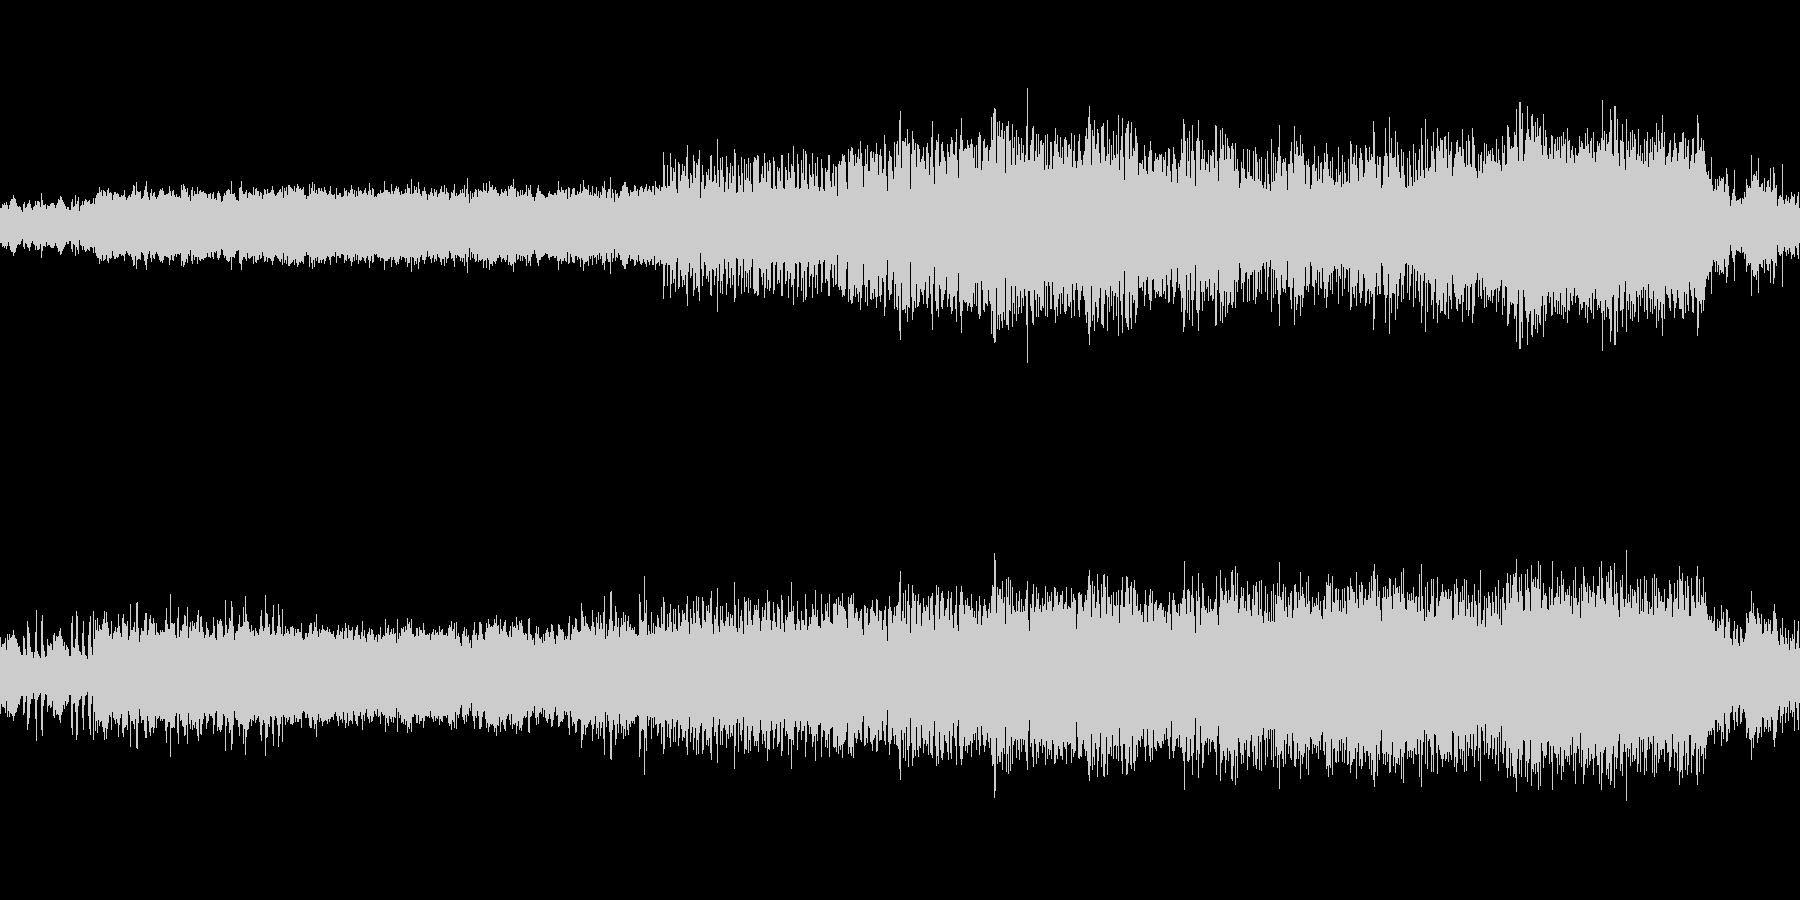 映像、ゲームのステージBGM(ケルト風)の未再生の波形